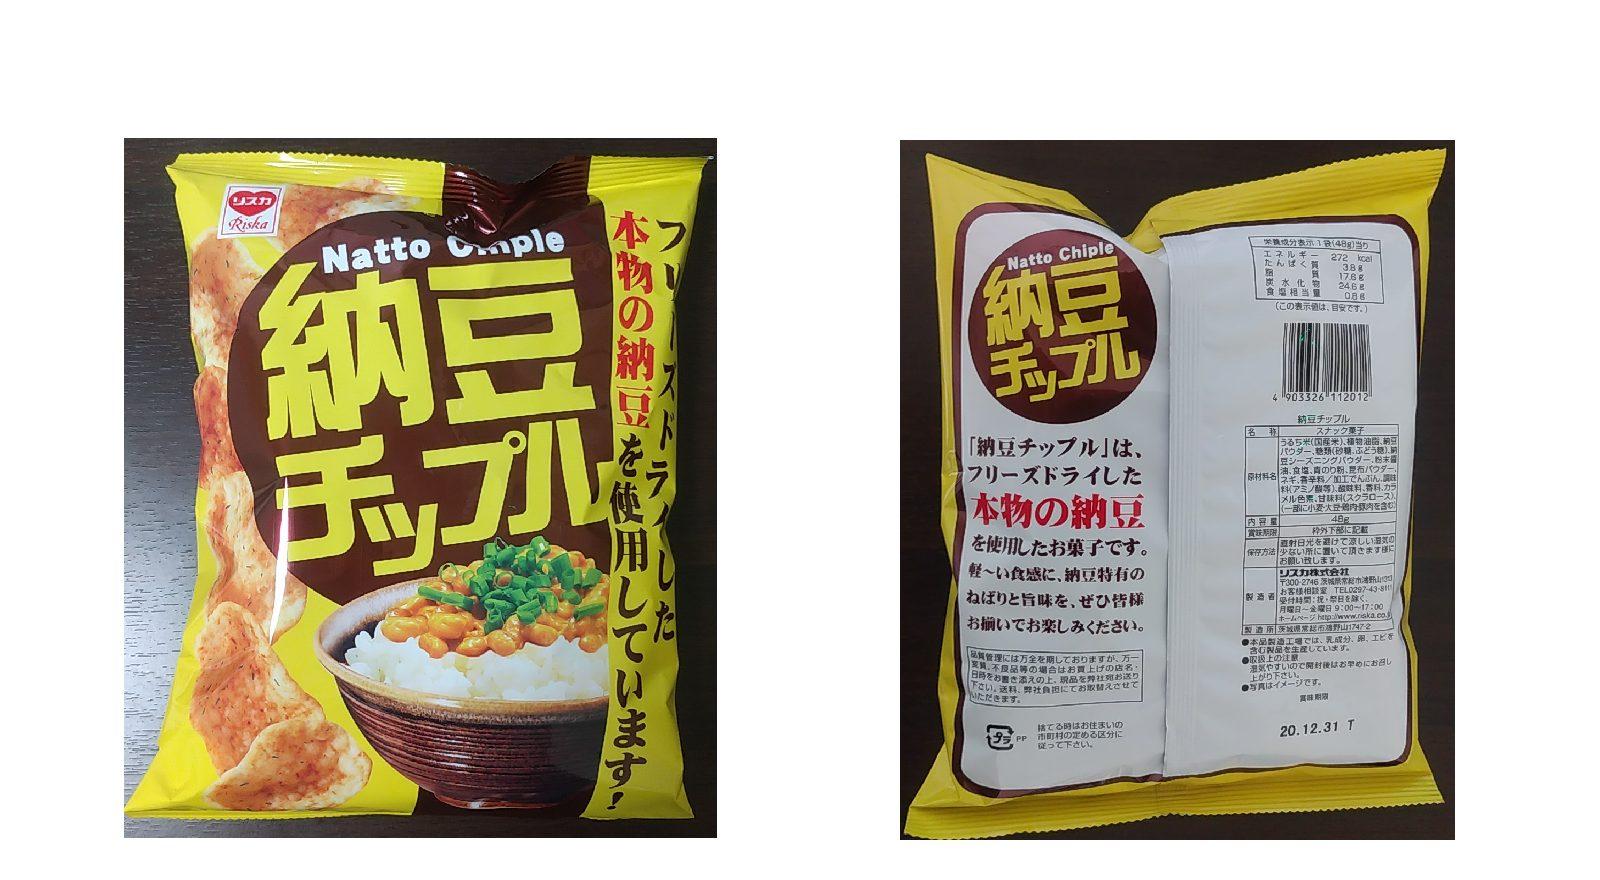 納豆チップルのアイキャッチ